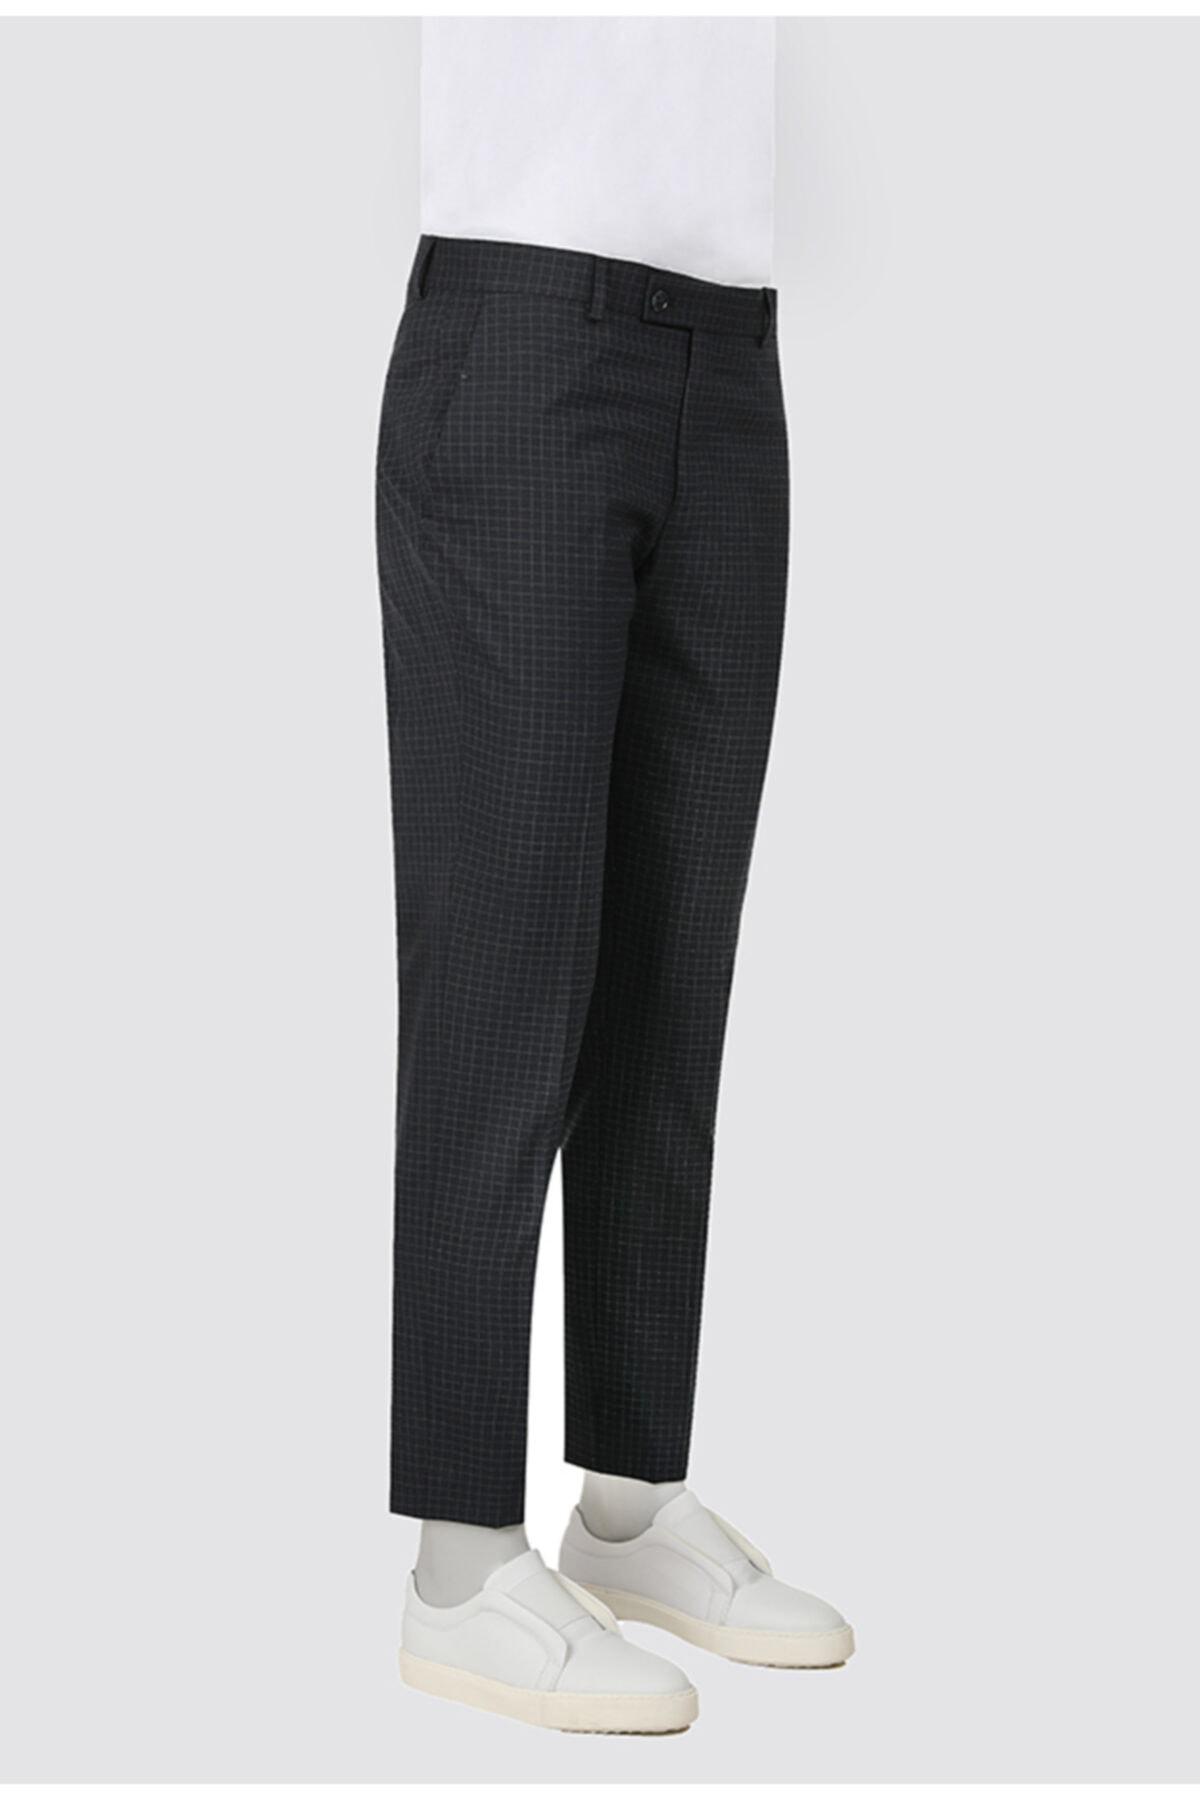 D'S Damat Twn Slim Fit Lacivert Kareli Kumaş Pantolon 1